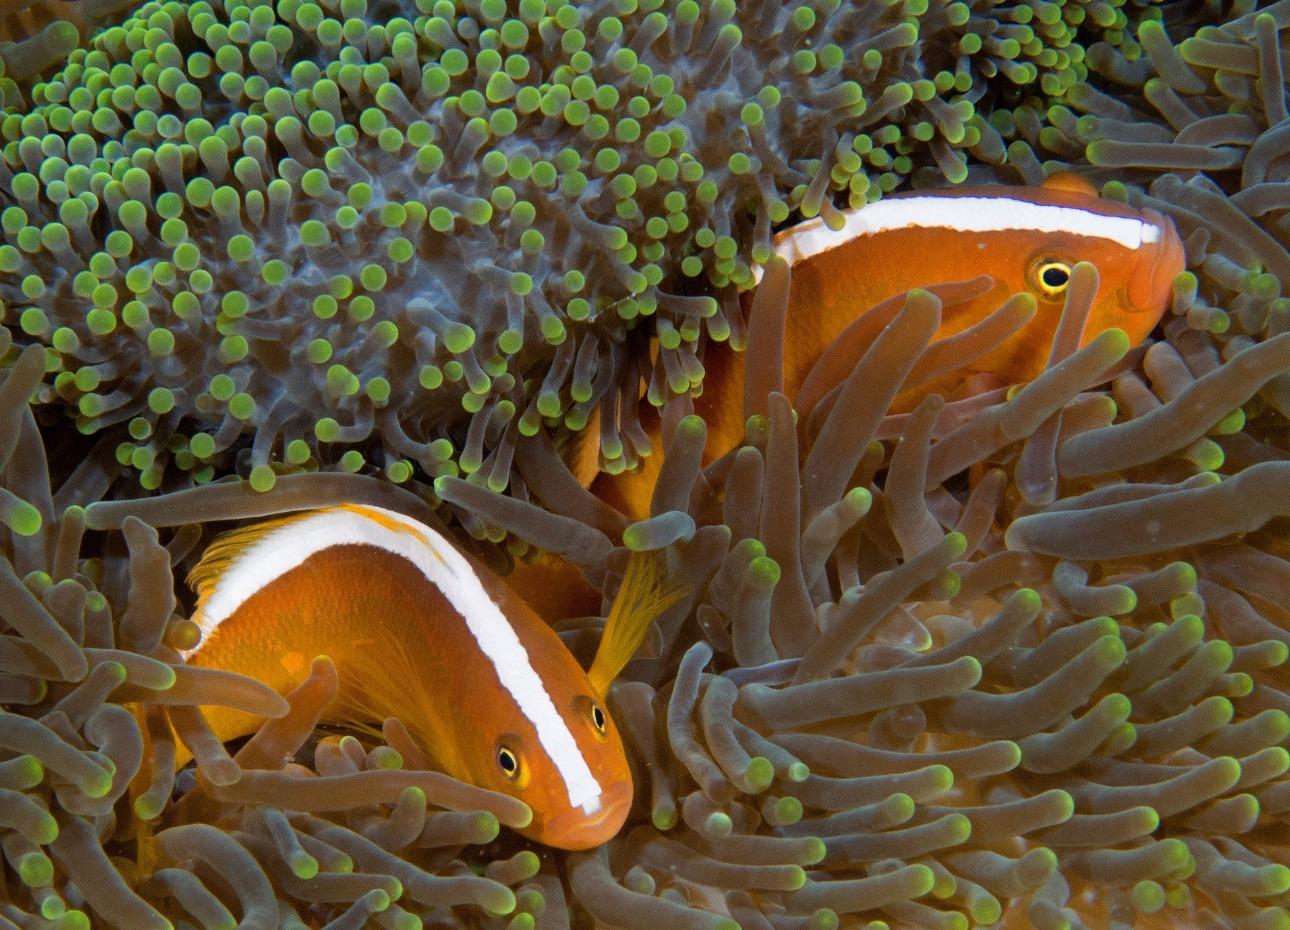 hilippines, Bohol, Magic Oceans Dive Resort, Reef Fish, image